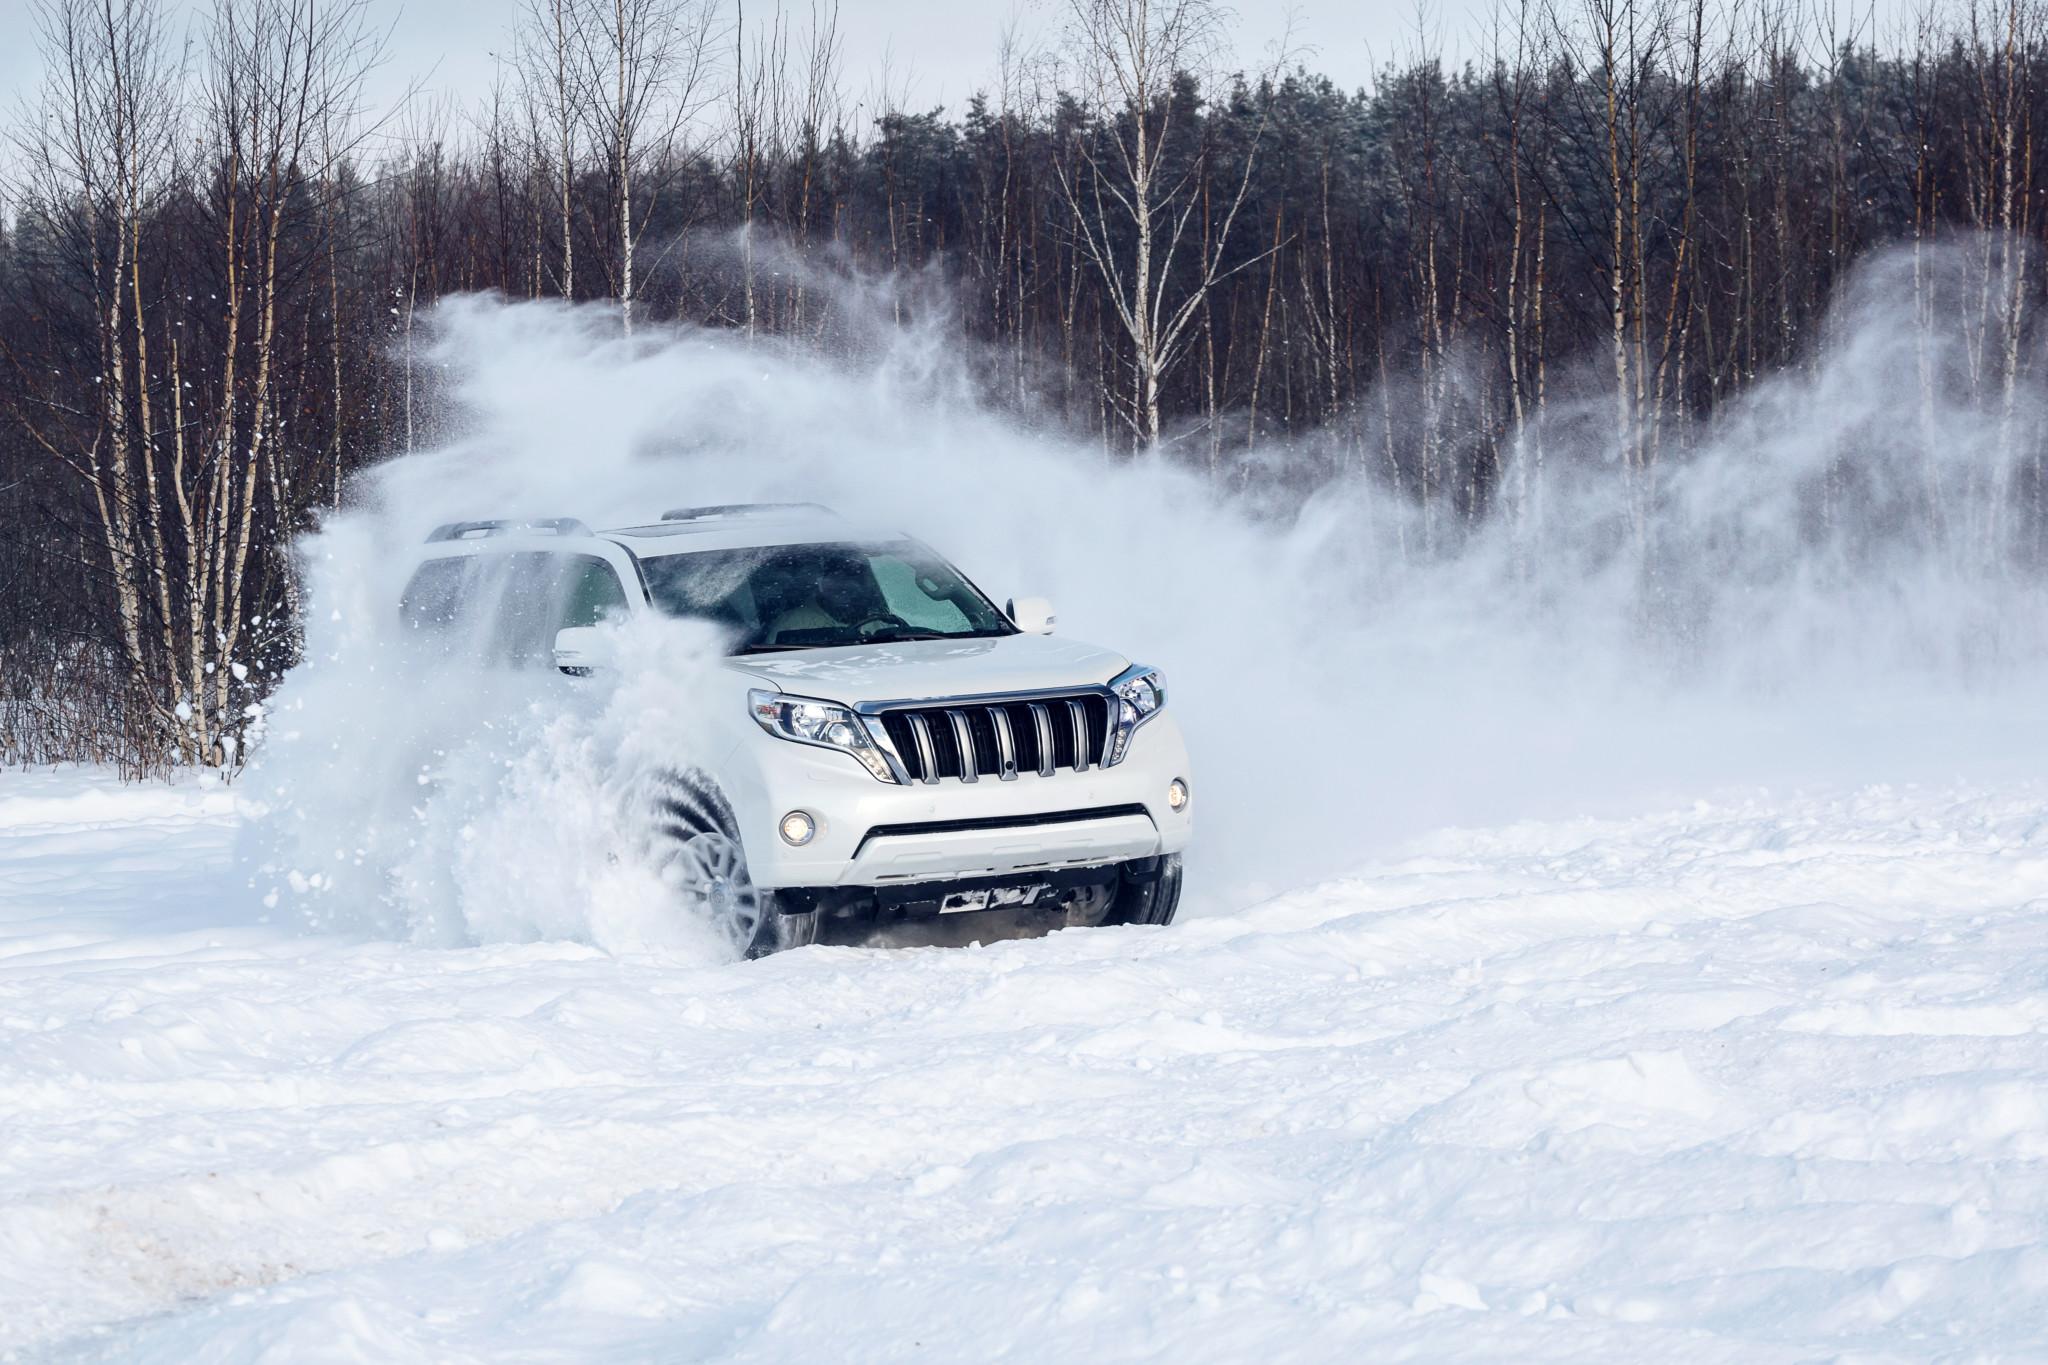 perder-el-control-conducir-en-la-nieve